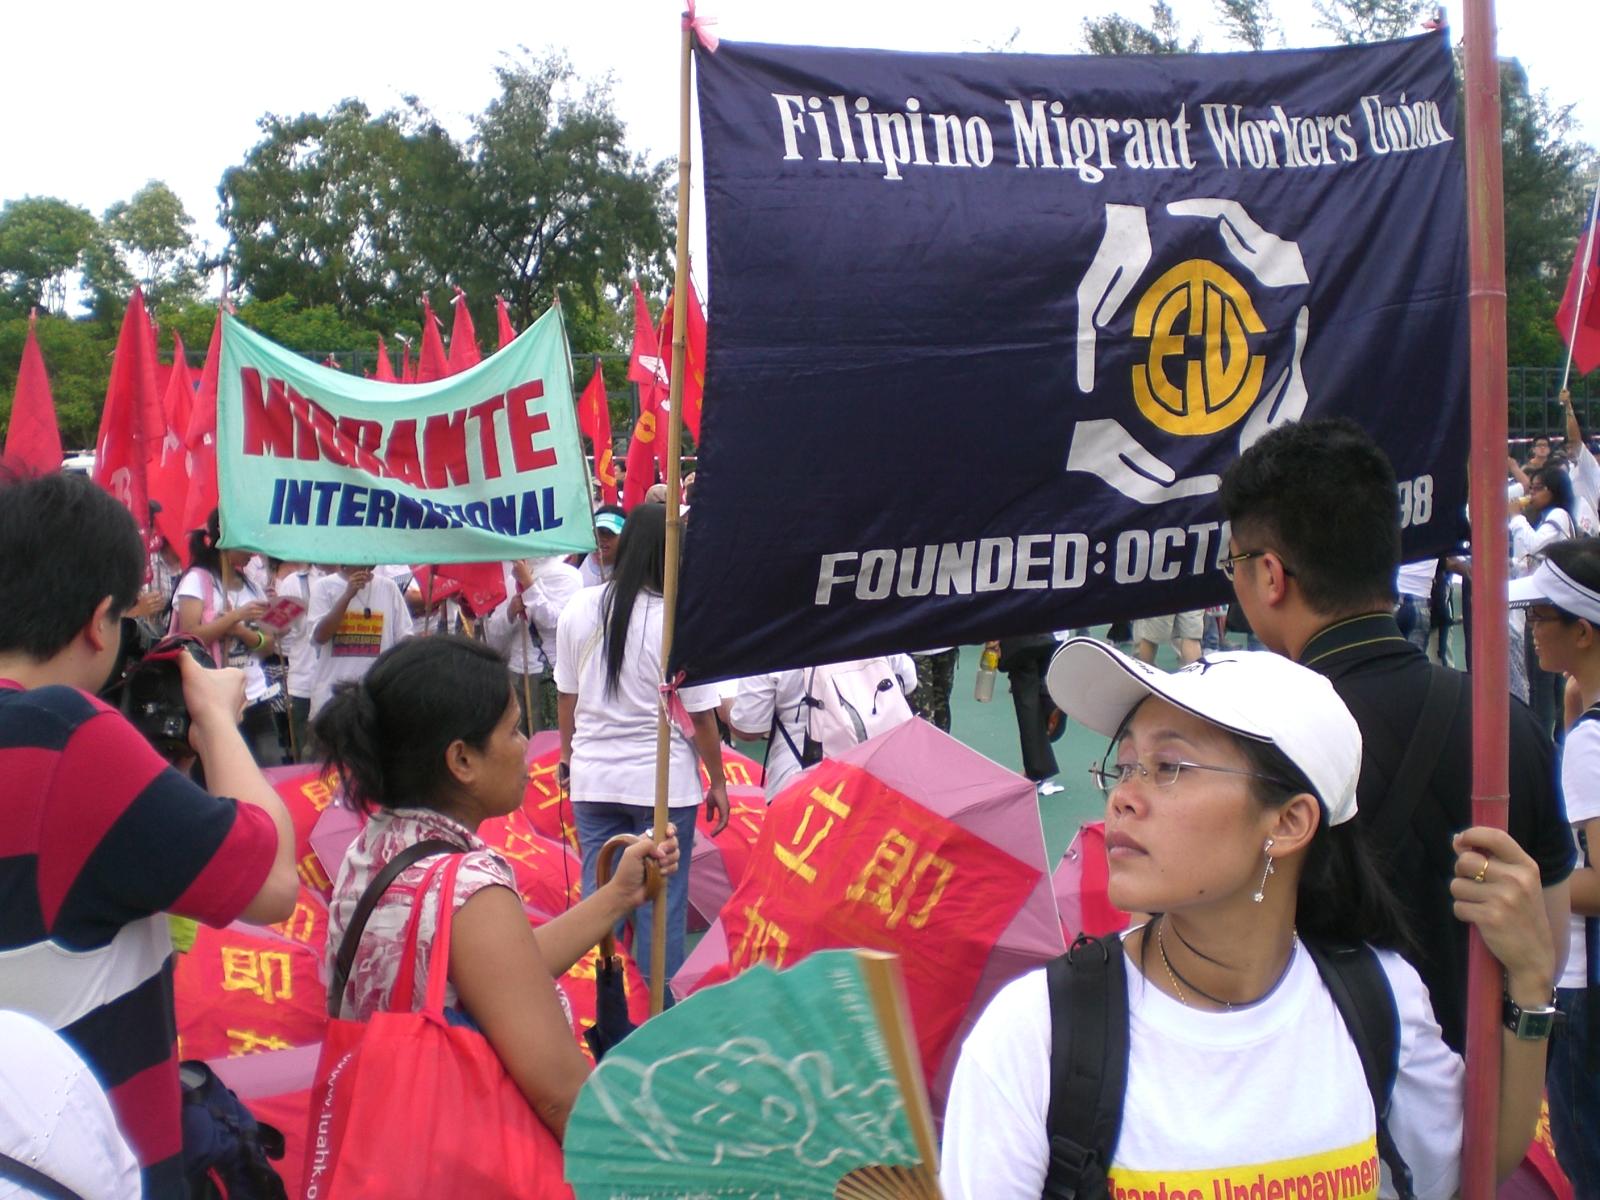 Hong Kong Filipino worker protest